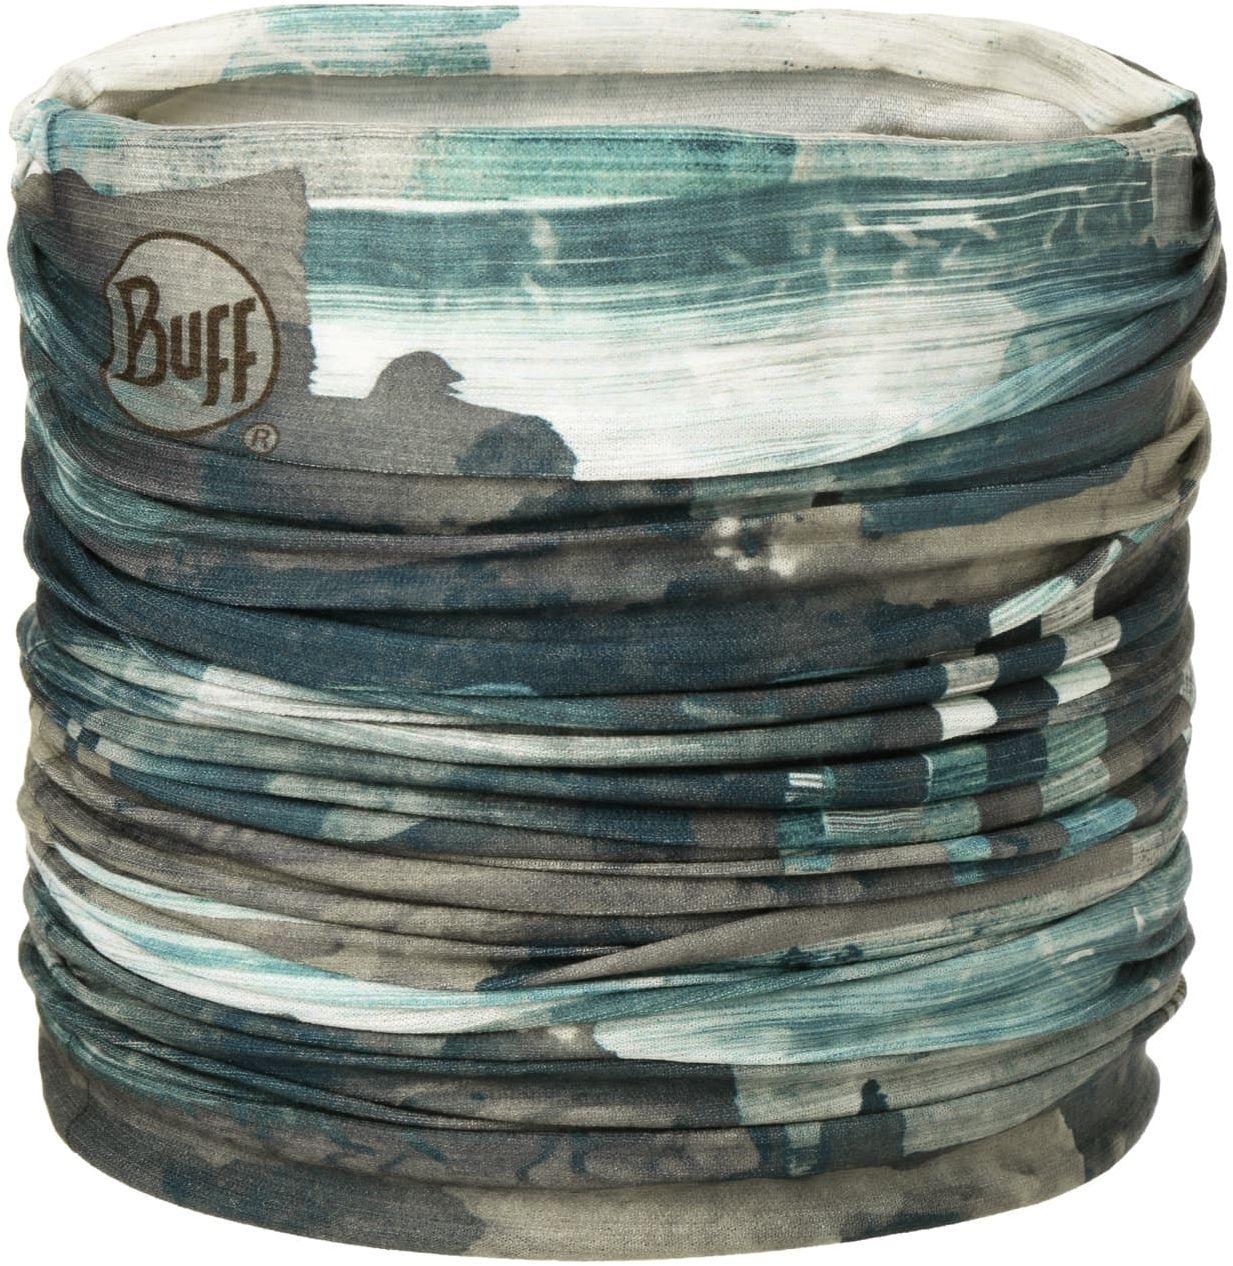 Chusta Wielofunkcyjna CoolNet UV+ Harq by BUFF, niebieski, One Size